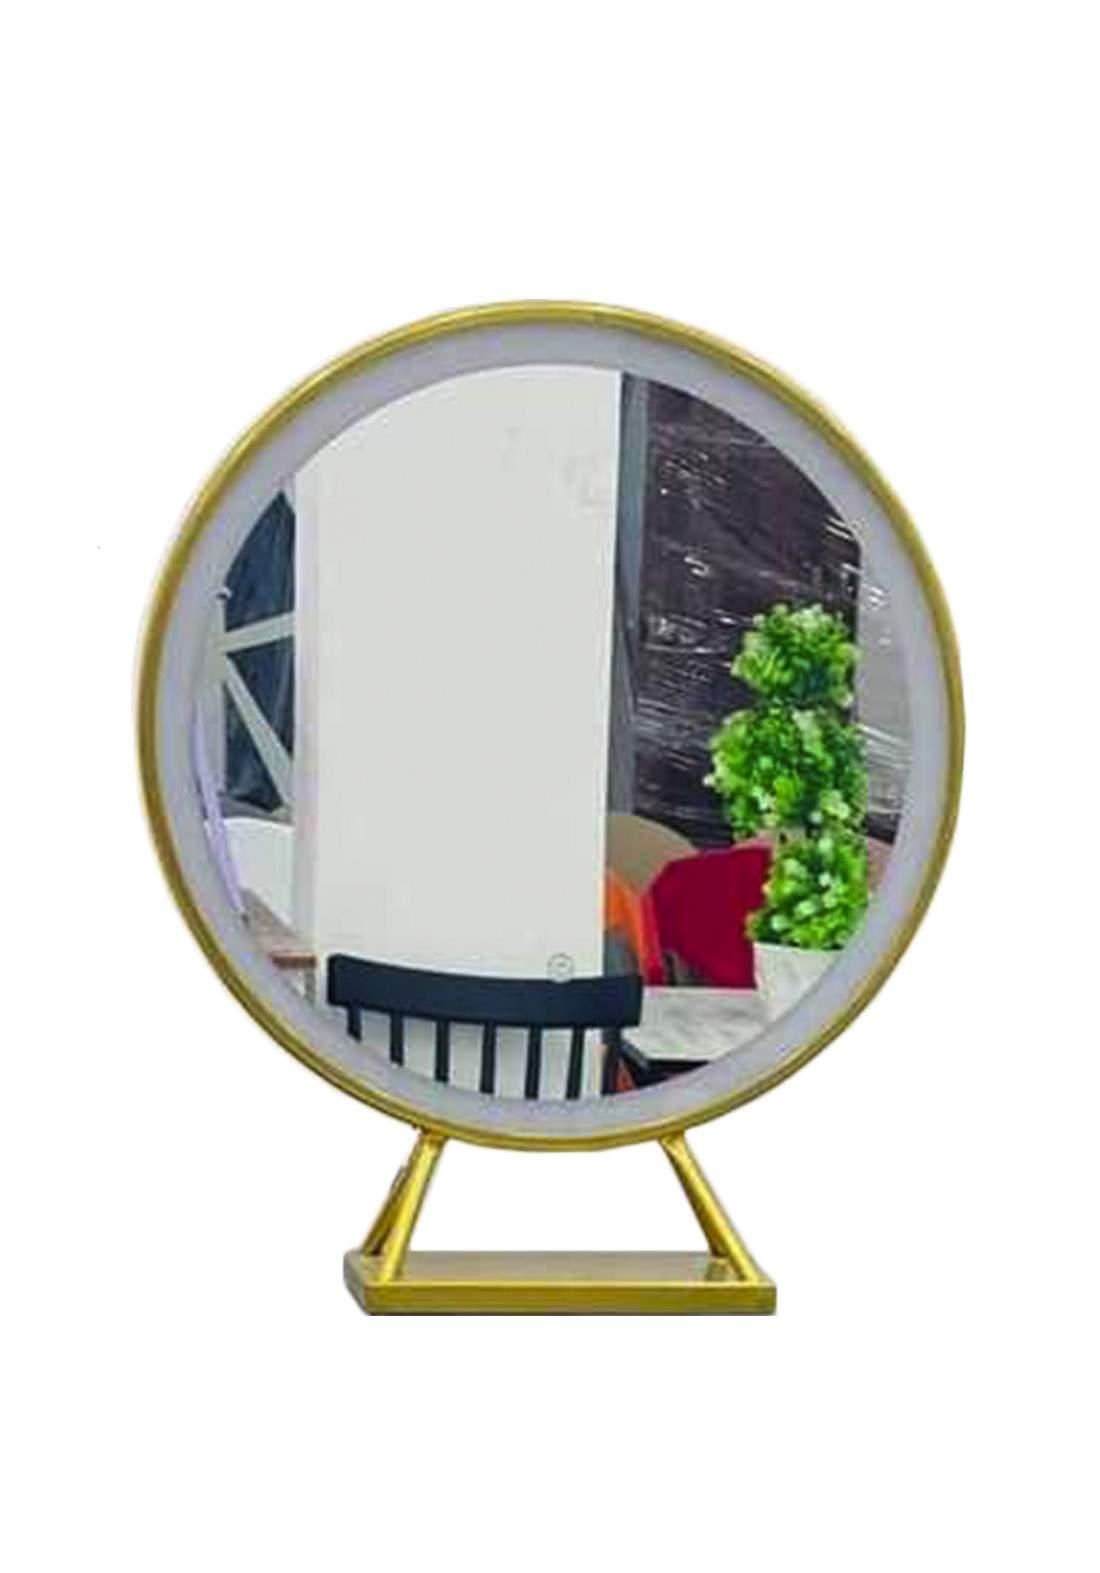 مرآة ذهبية أللون مع اضاءه  من سامبا هوم